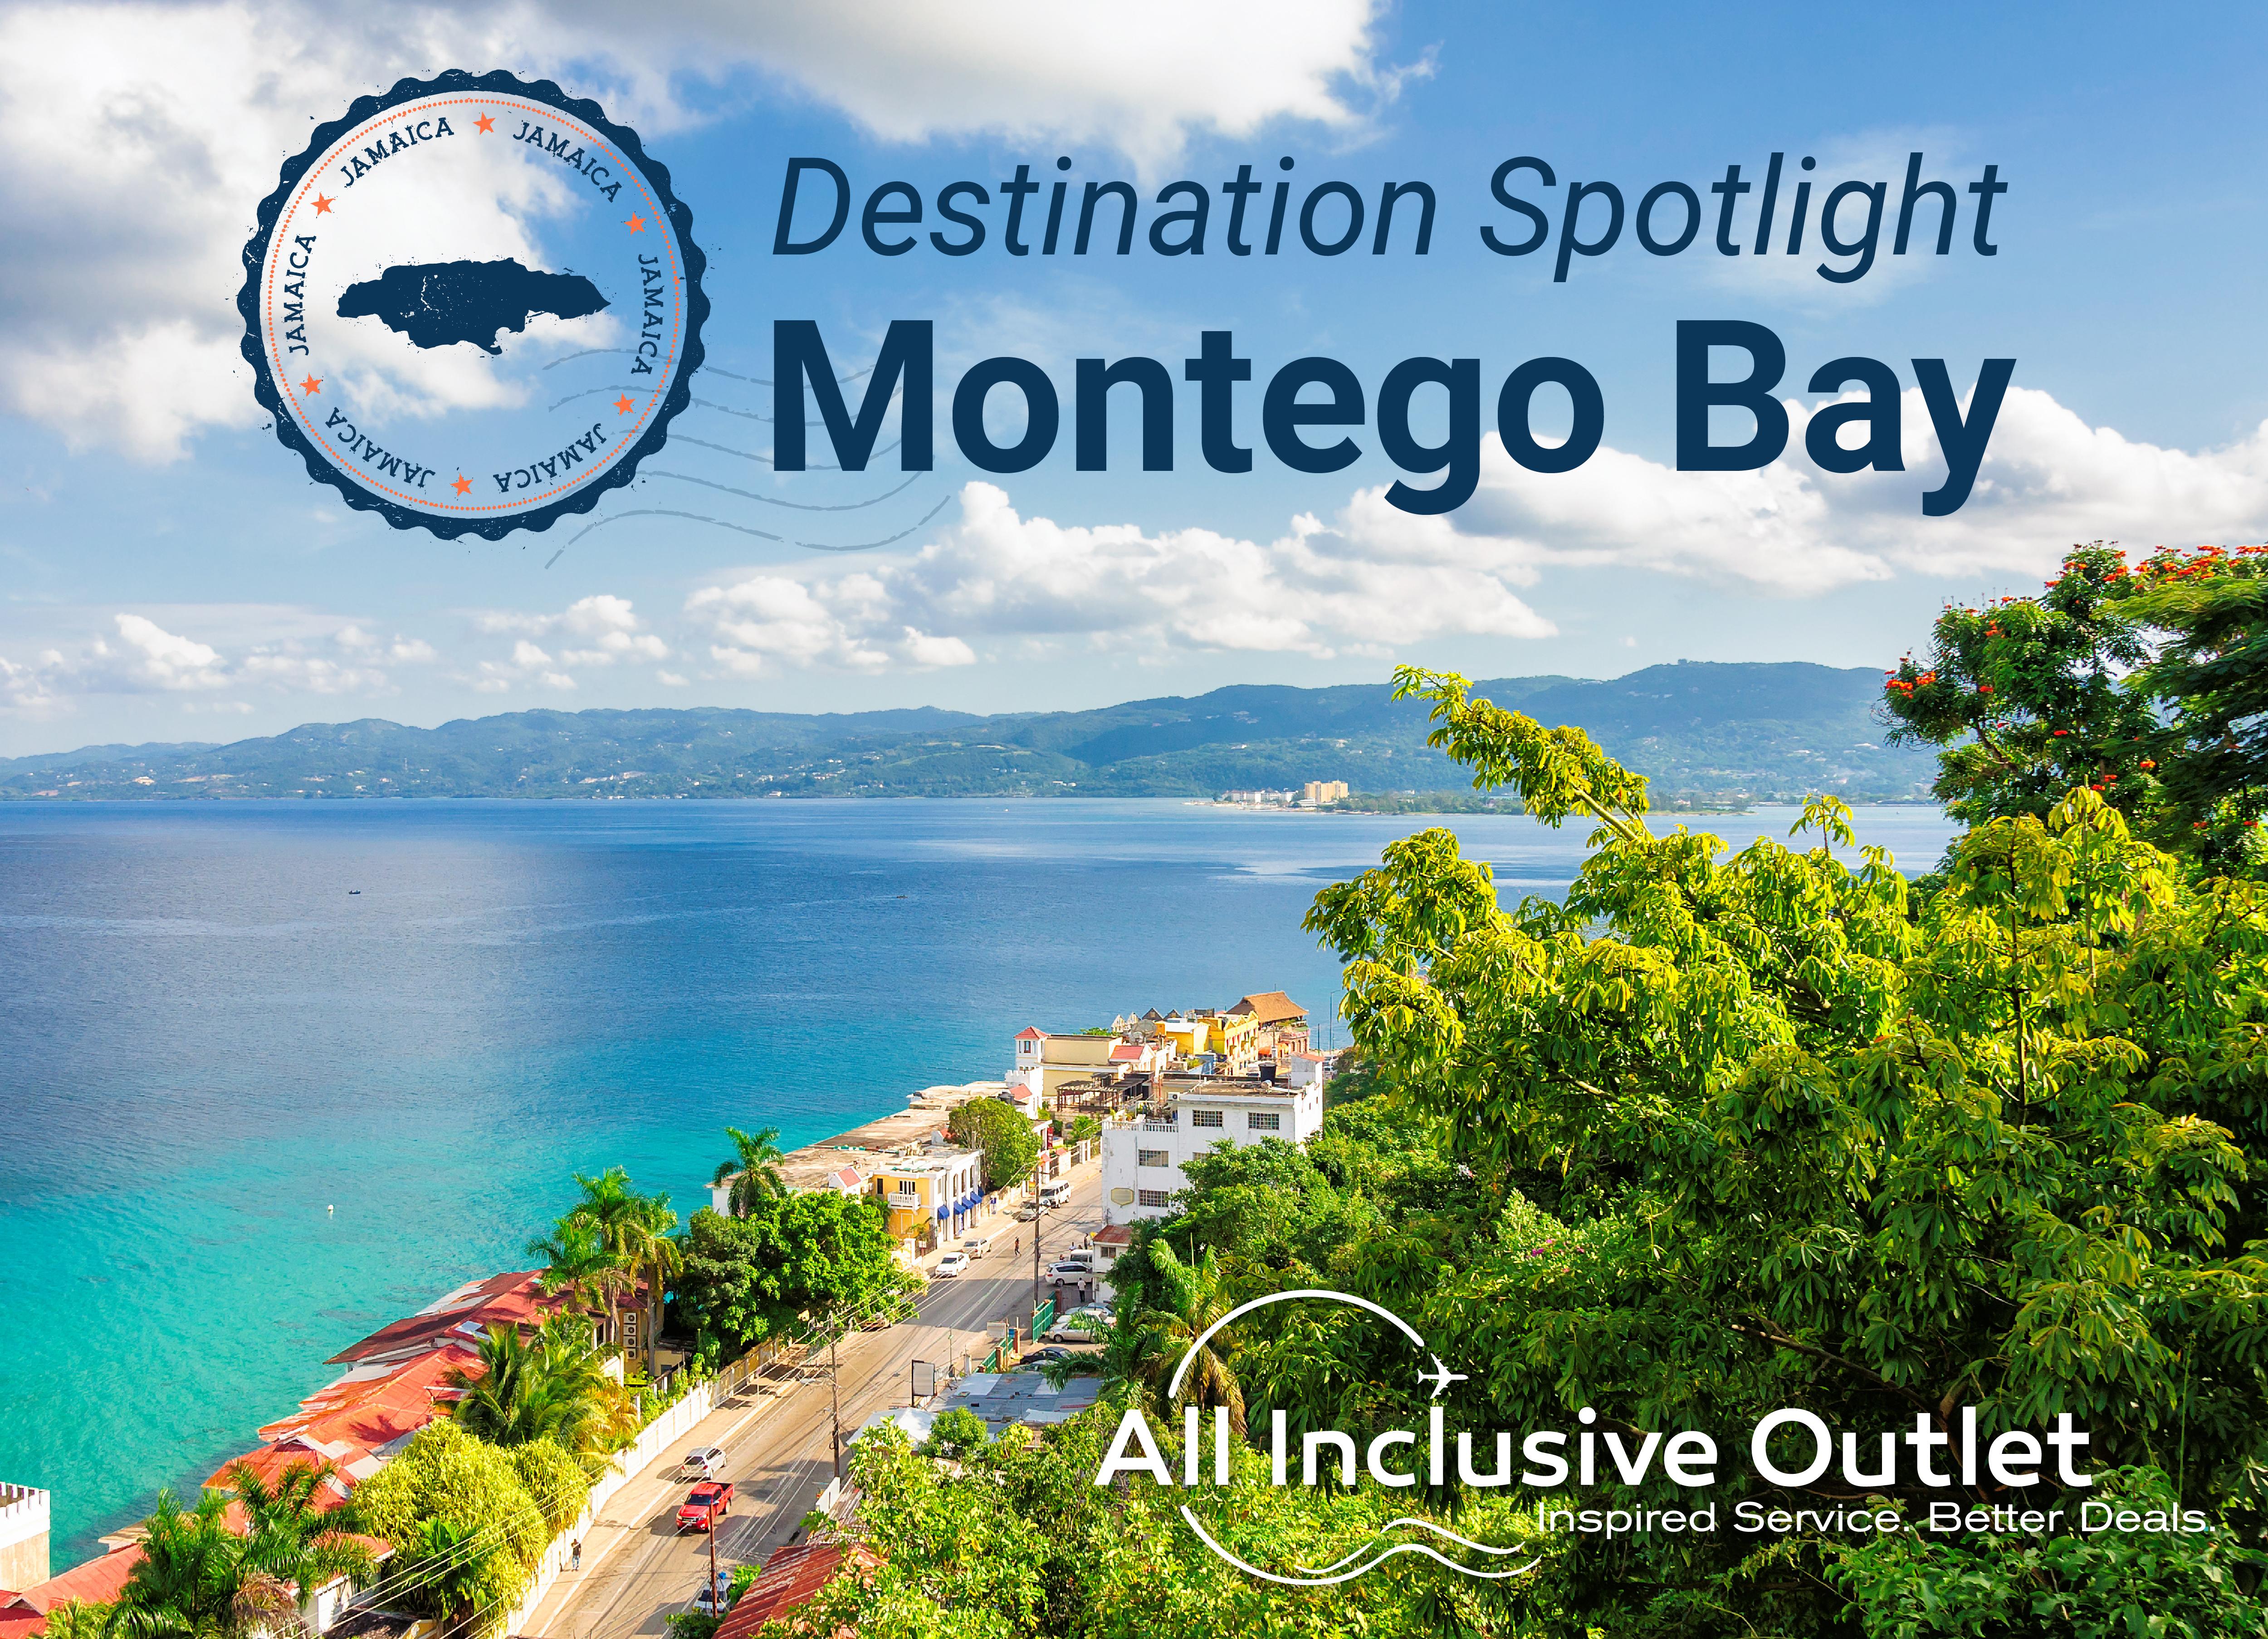 """^BF73F2BF8A7B96FC53B6624DDB61A6E7043AD7821D430B082A^pimgpsh_fullsize_distr Destination Spotlight: Montego Bay or """"MoBay"""""""